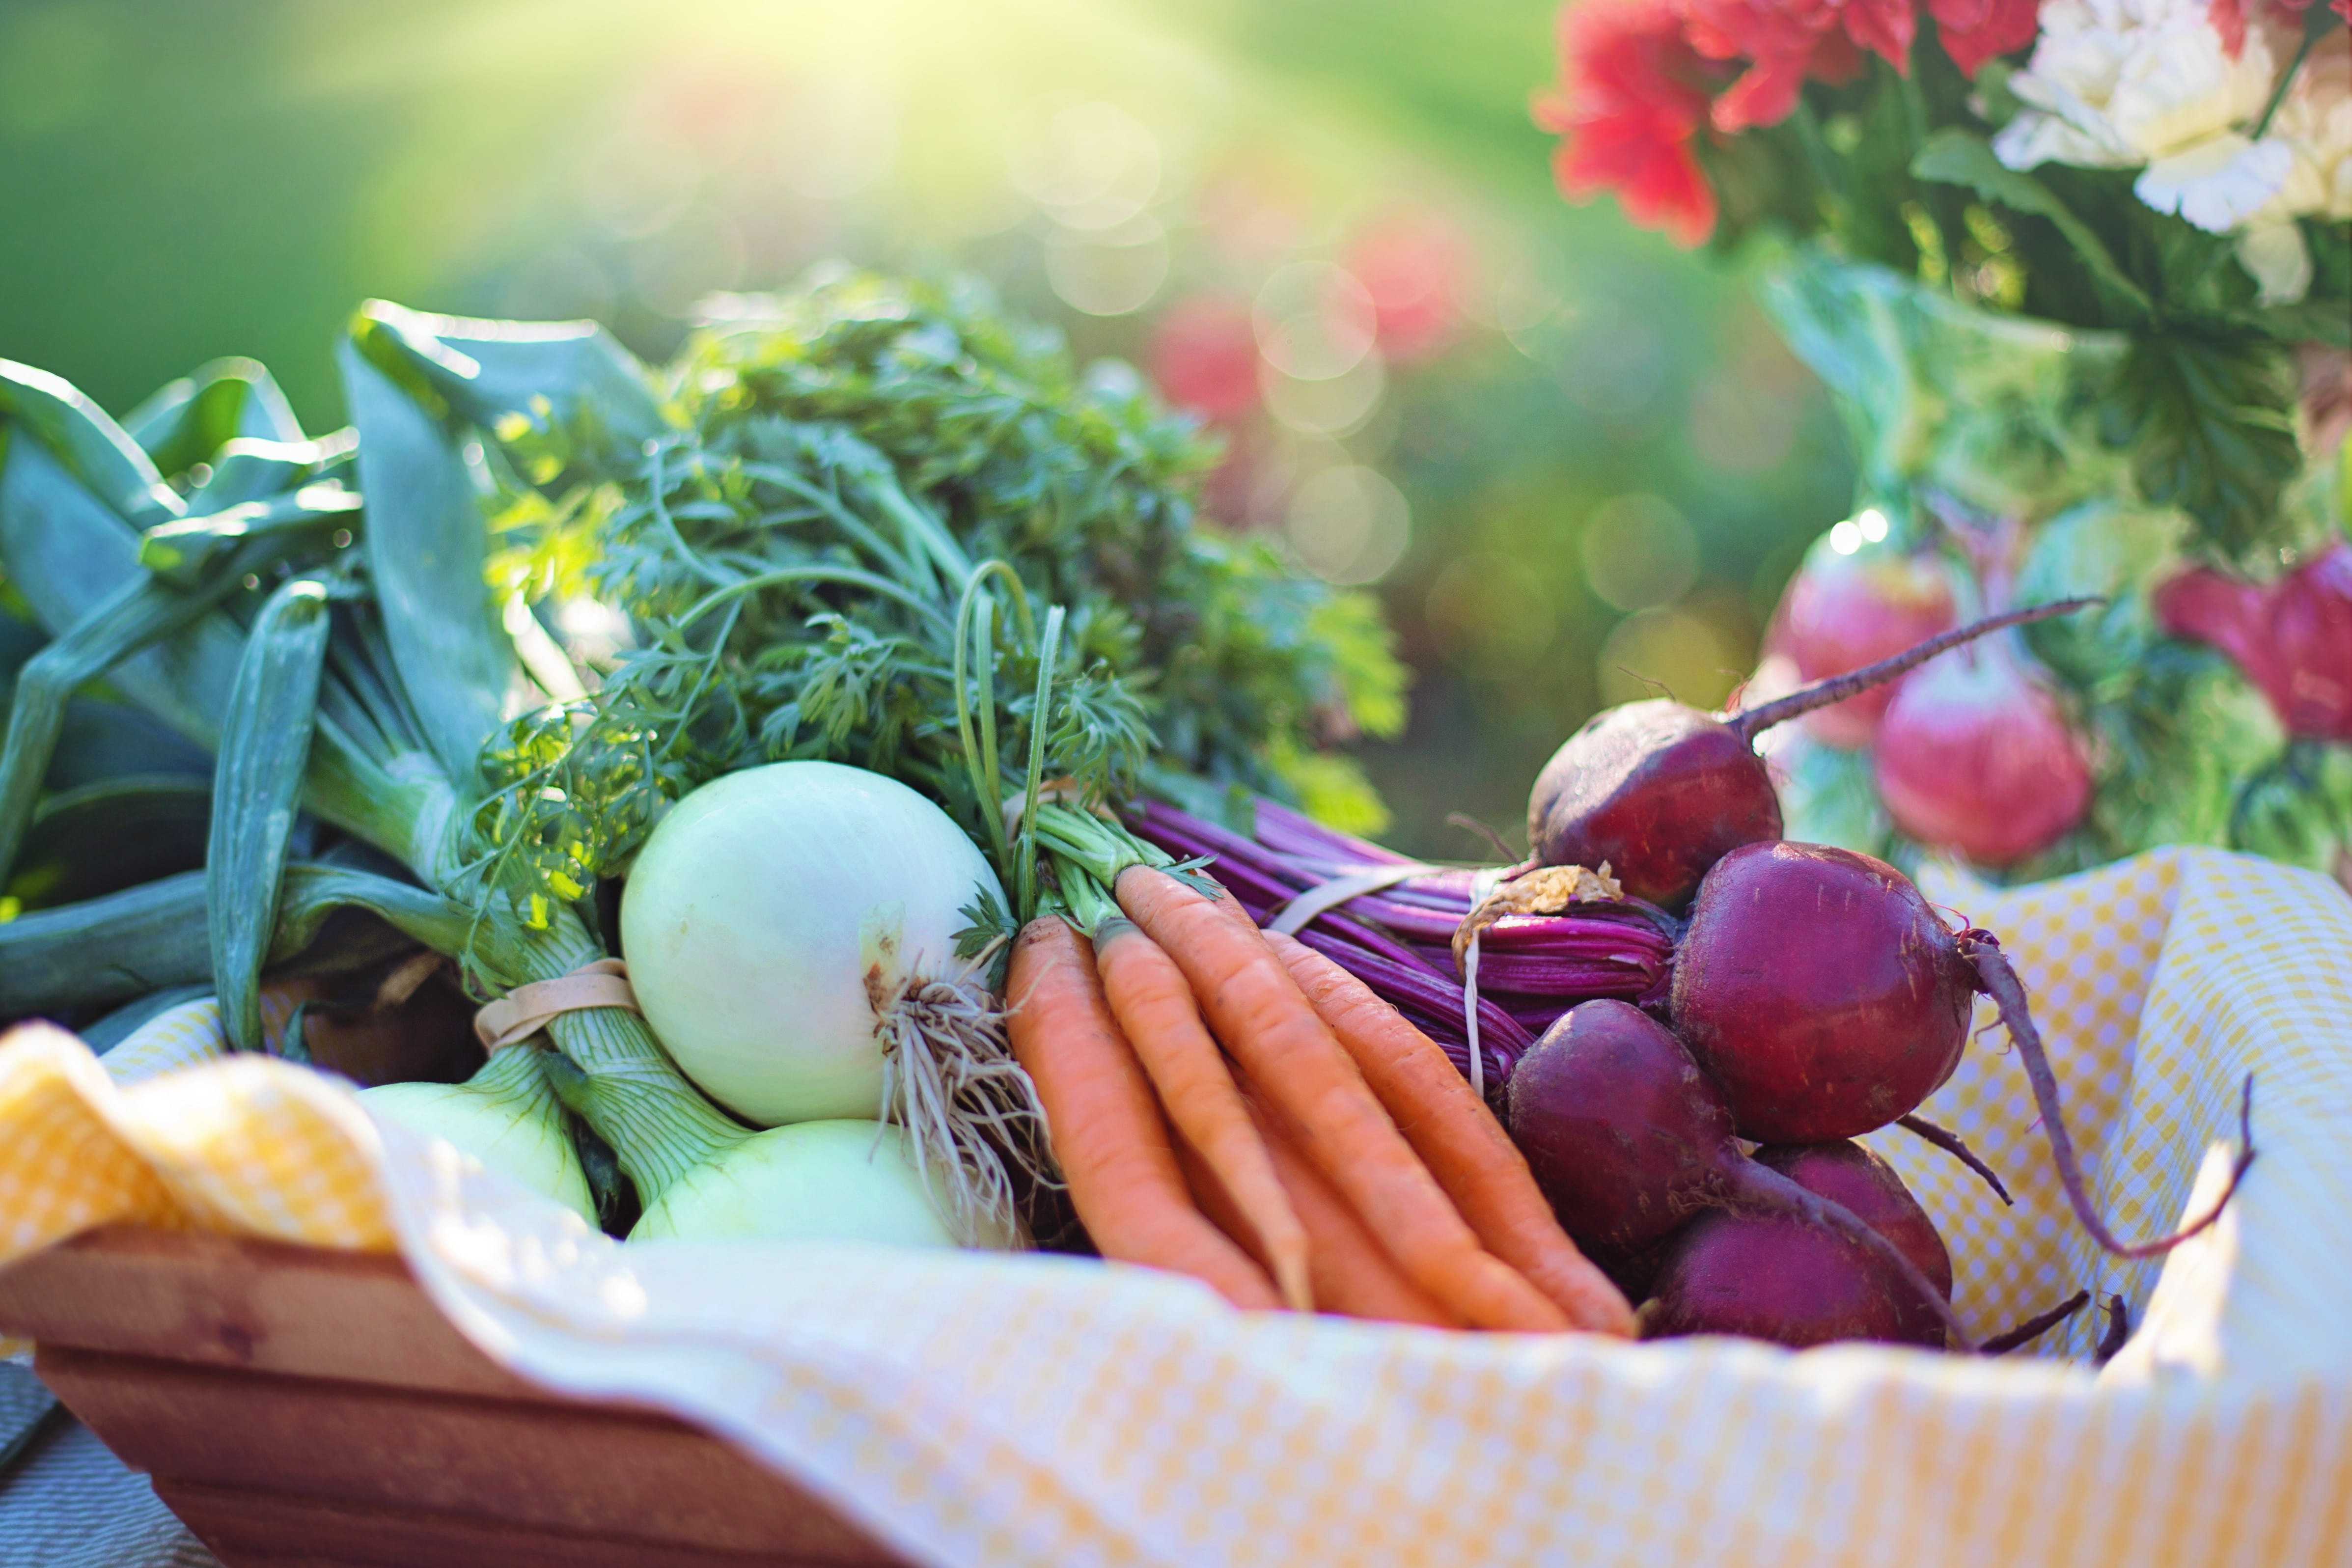 Bahçe, beslenme, büyümek, Çiçekler içeren Ücretsiz stok fotoğraf